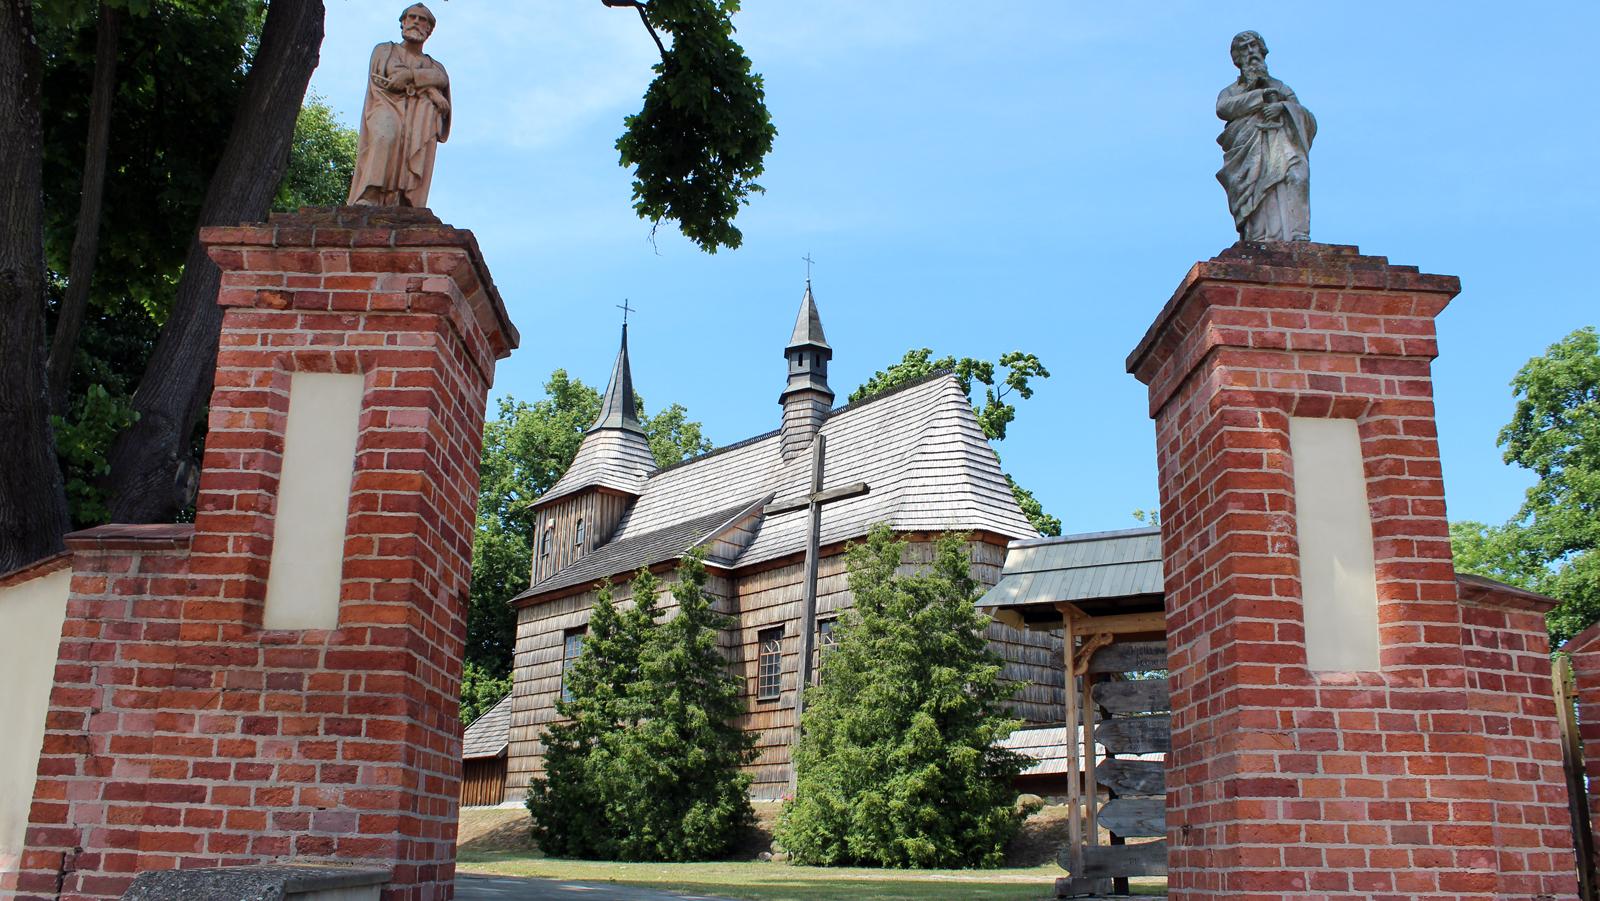 Zabytkowy kościółek w Cmolasie można będzie zwiedzać z przewodnikiem - Zdjęcie główne